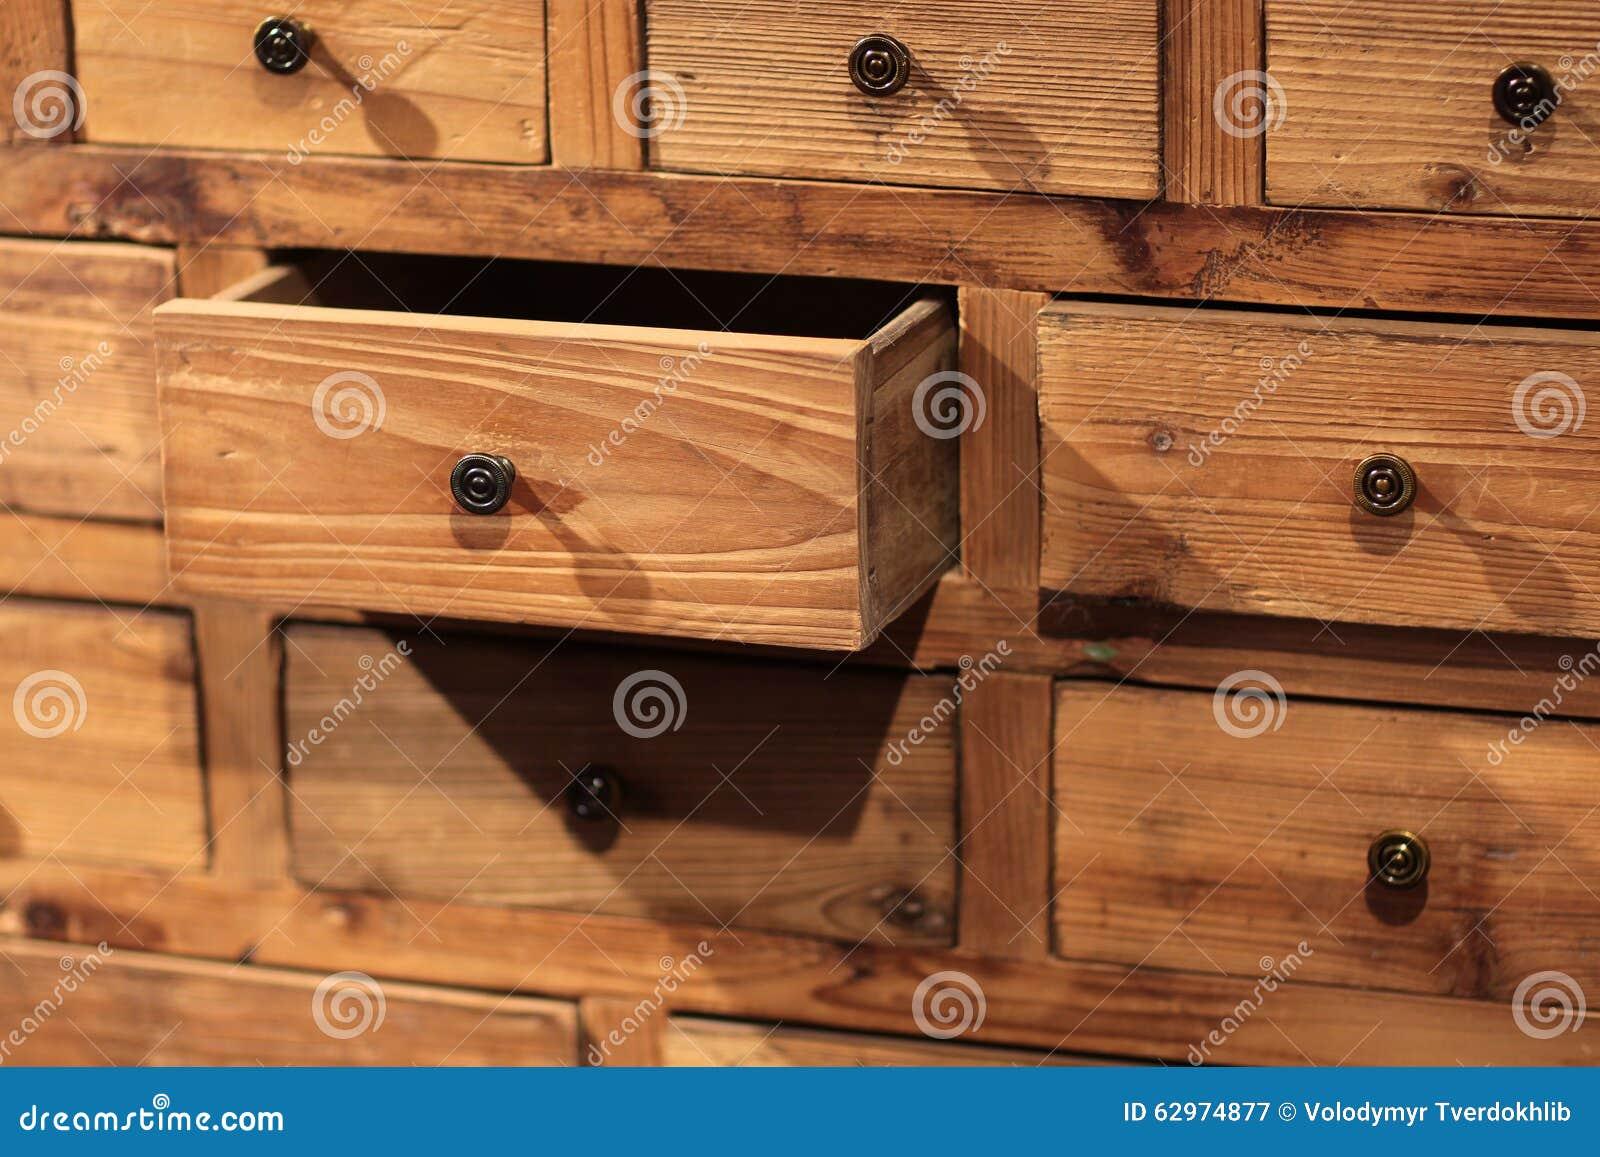 Credenza Con Cassetti : Credenza di legno con i piccoli cassetti immagine stock